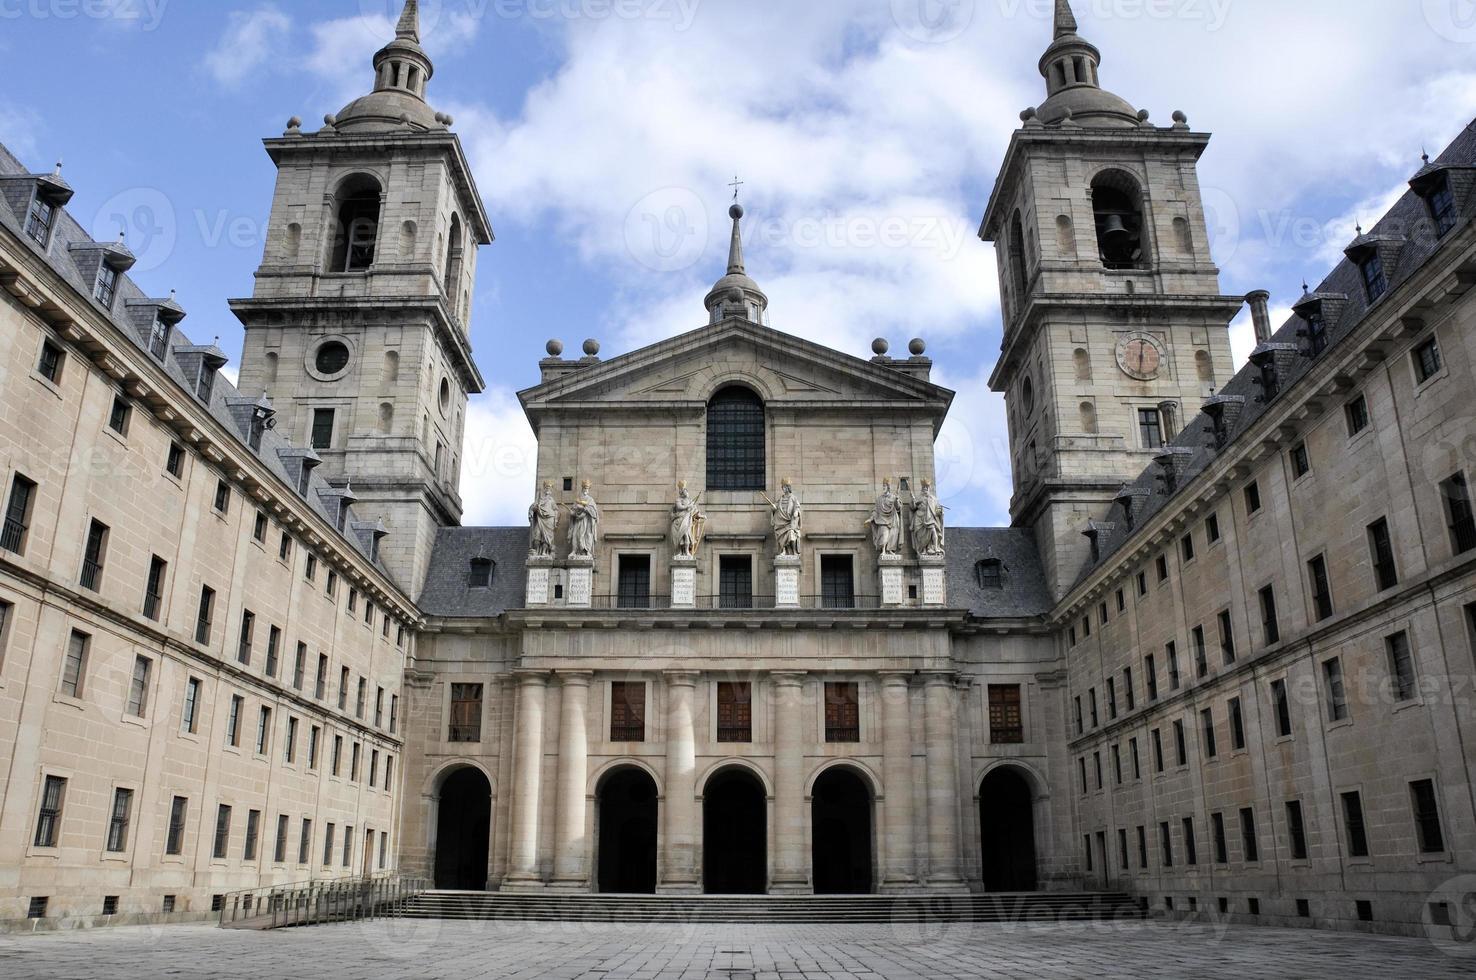 monasterio real de san lorenzo de el escorial, madrid (españa) foto